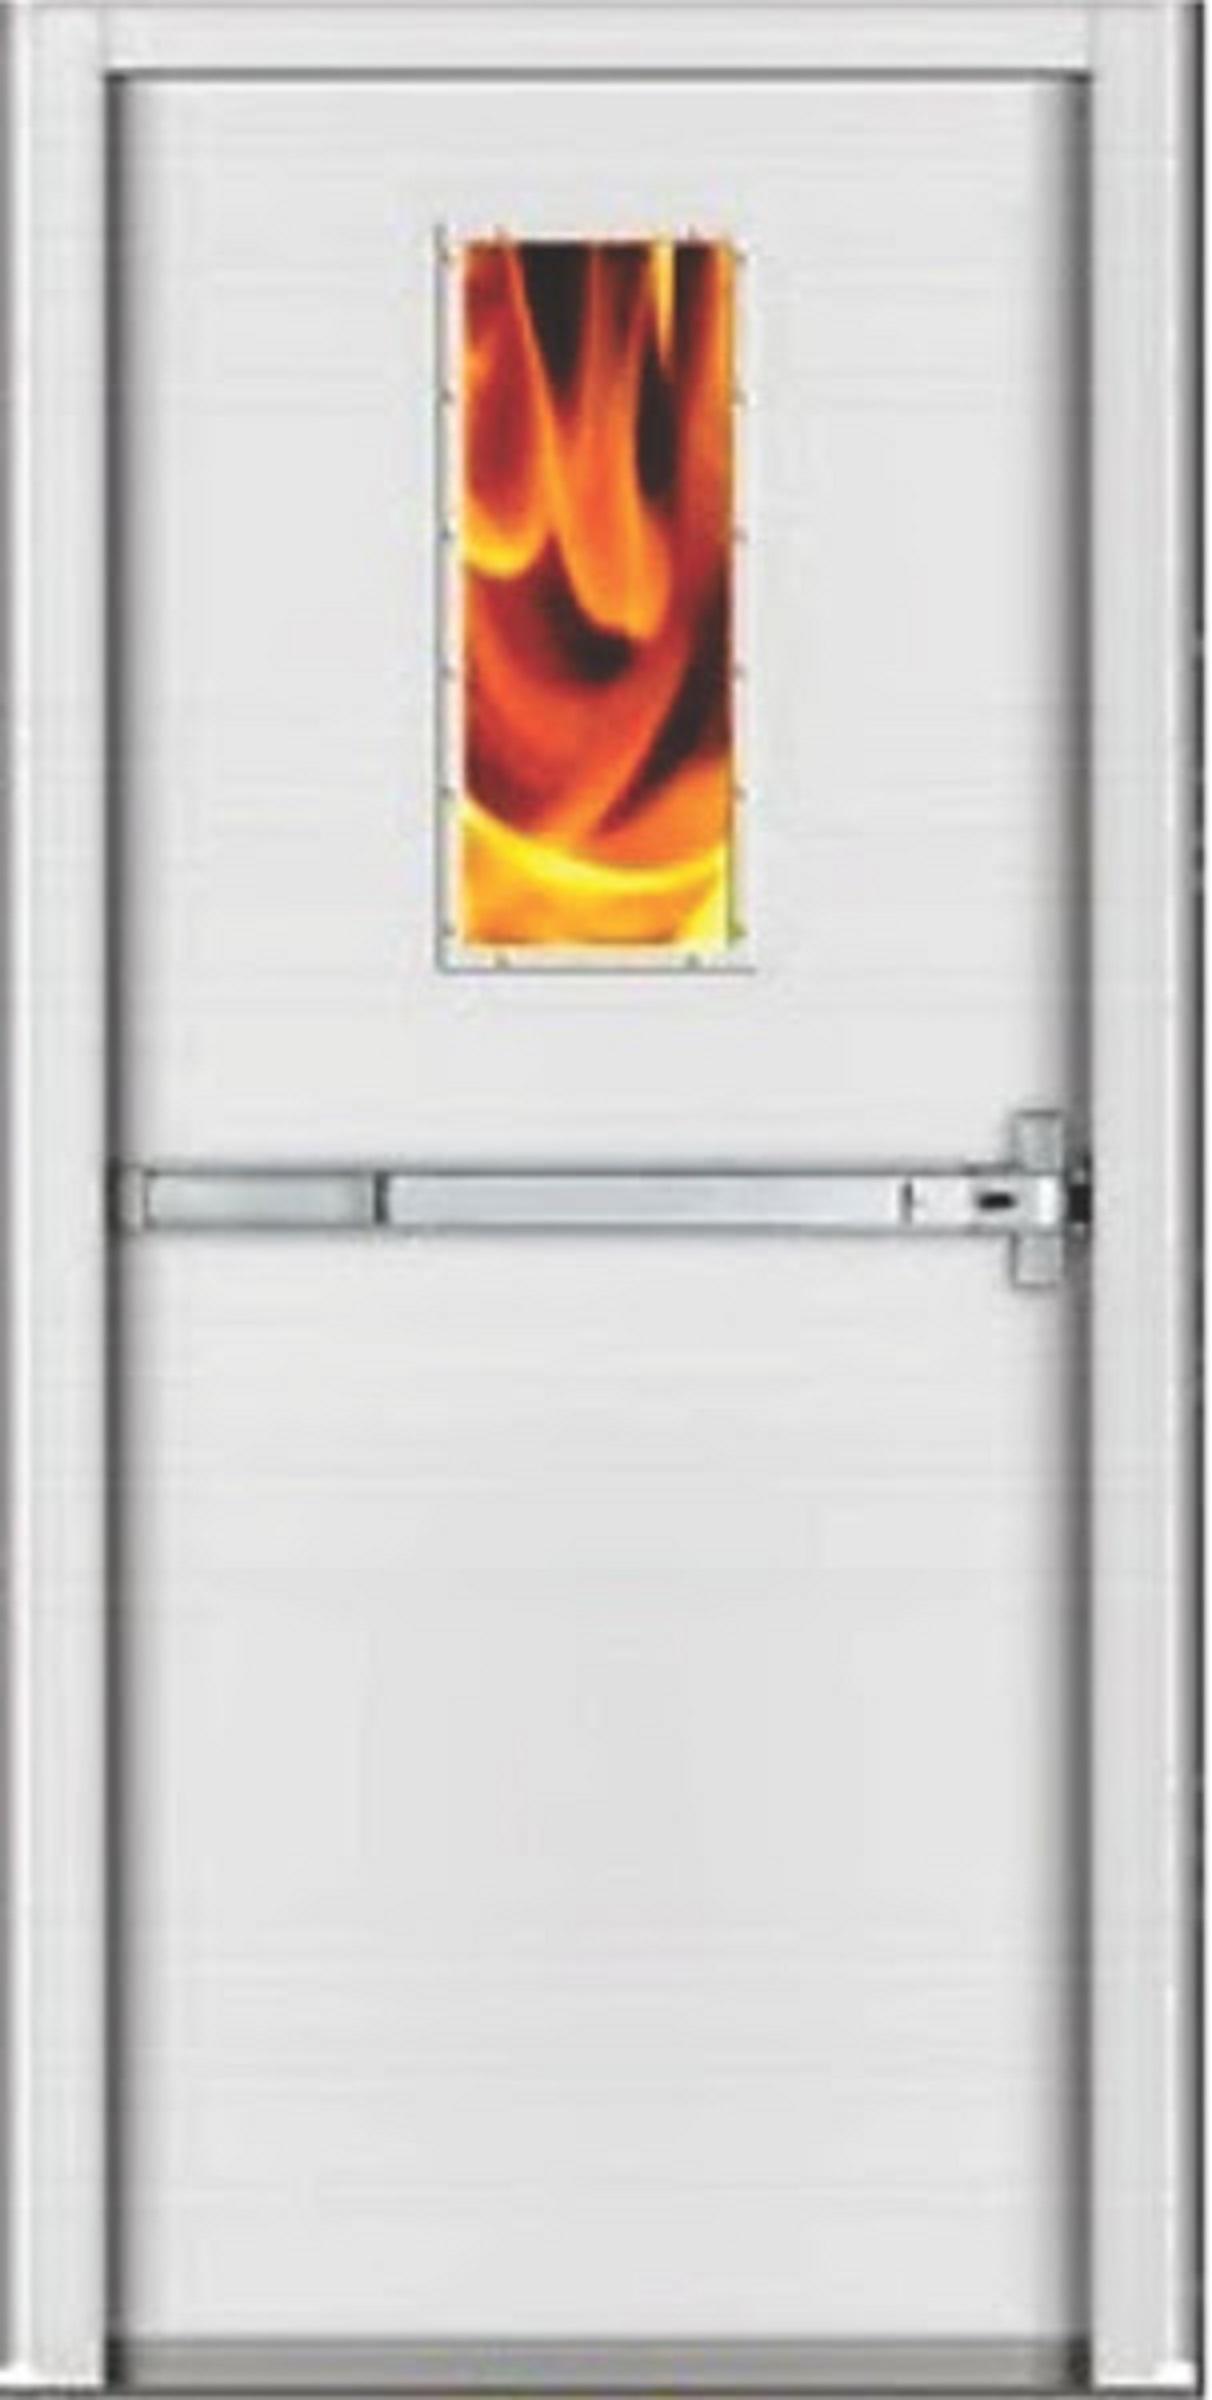 cửa-thép-chống-cháy-chất-lượng